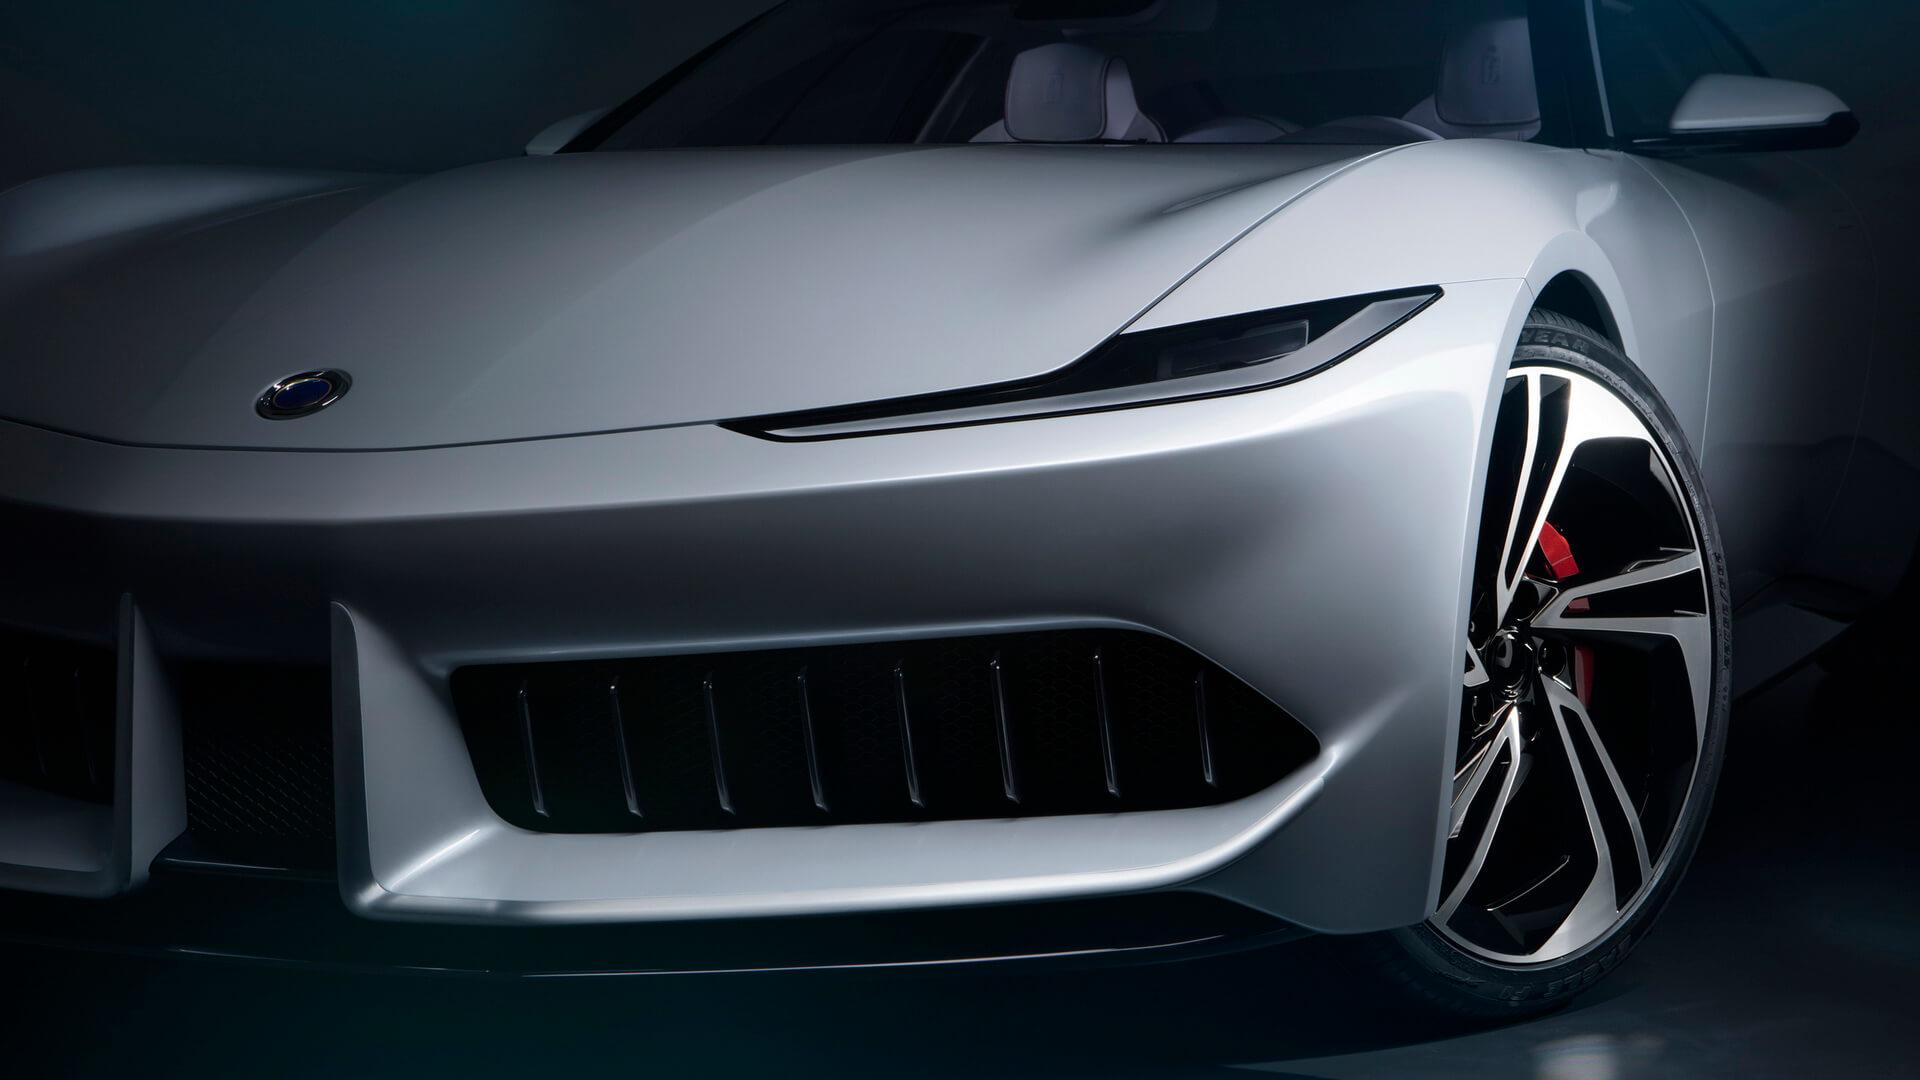 Плагин-гибрид Karma Pininfarina GT - фото 2